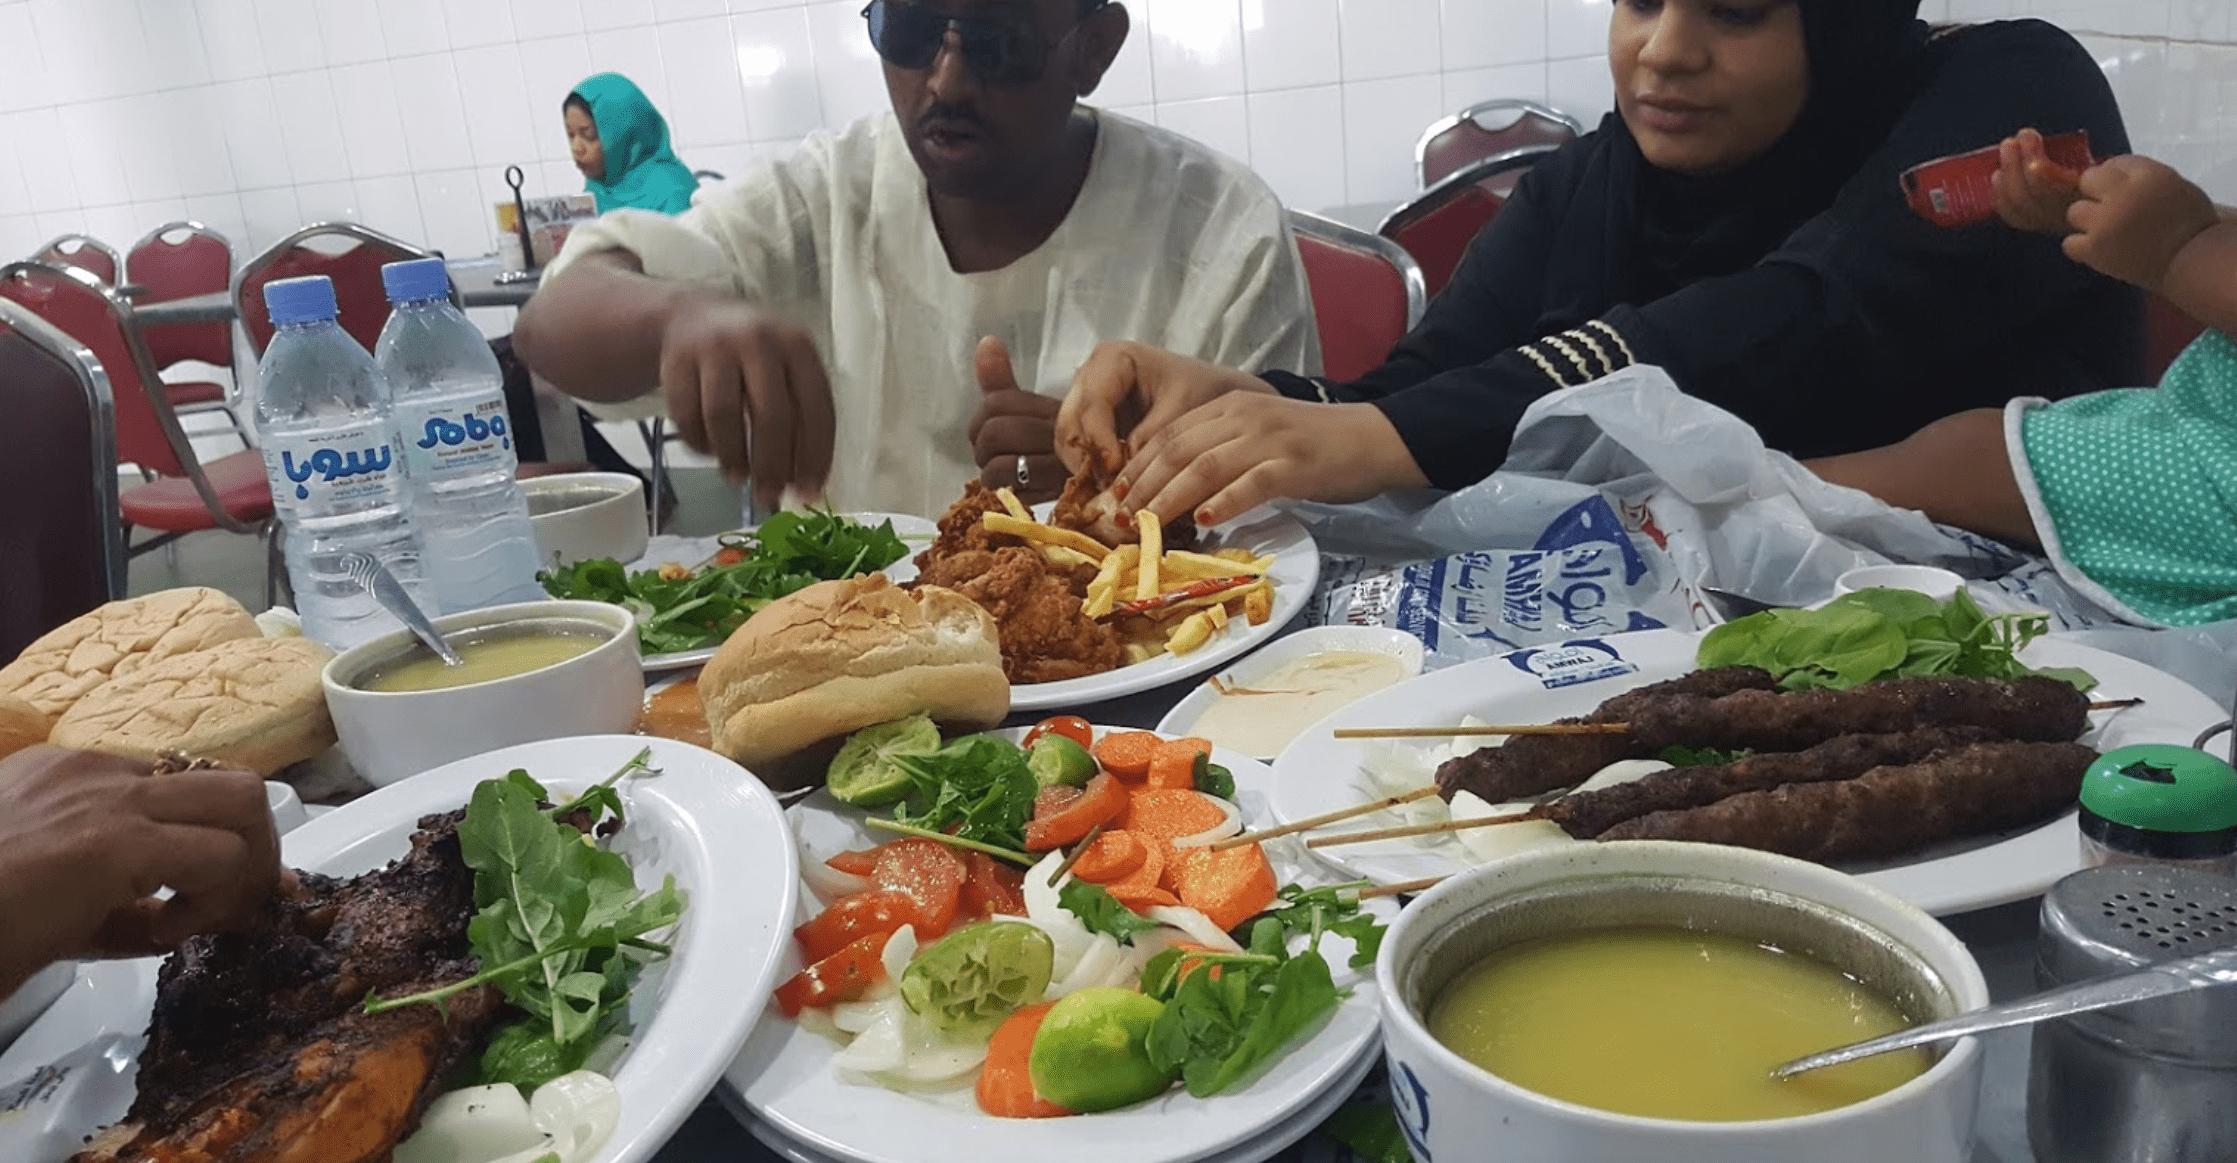 Amwaj restaurant